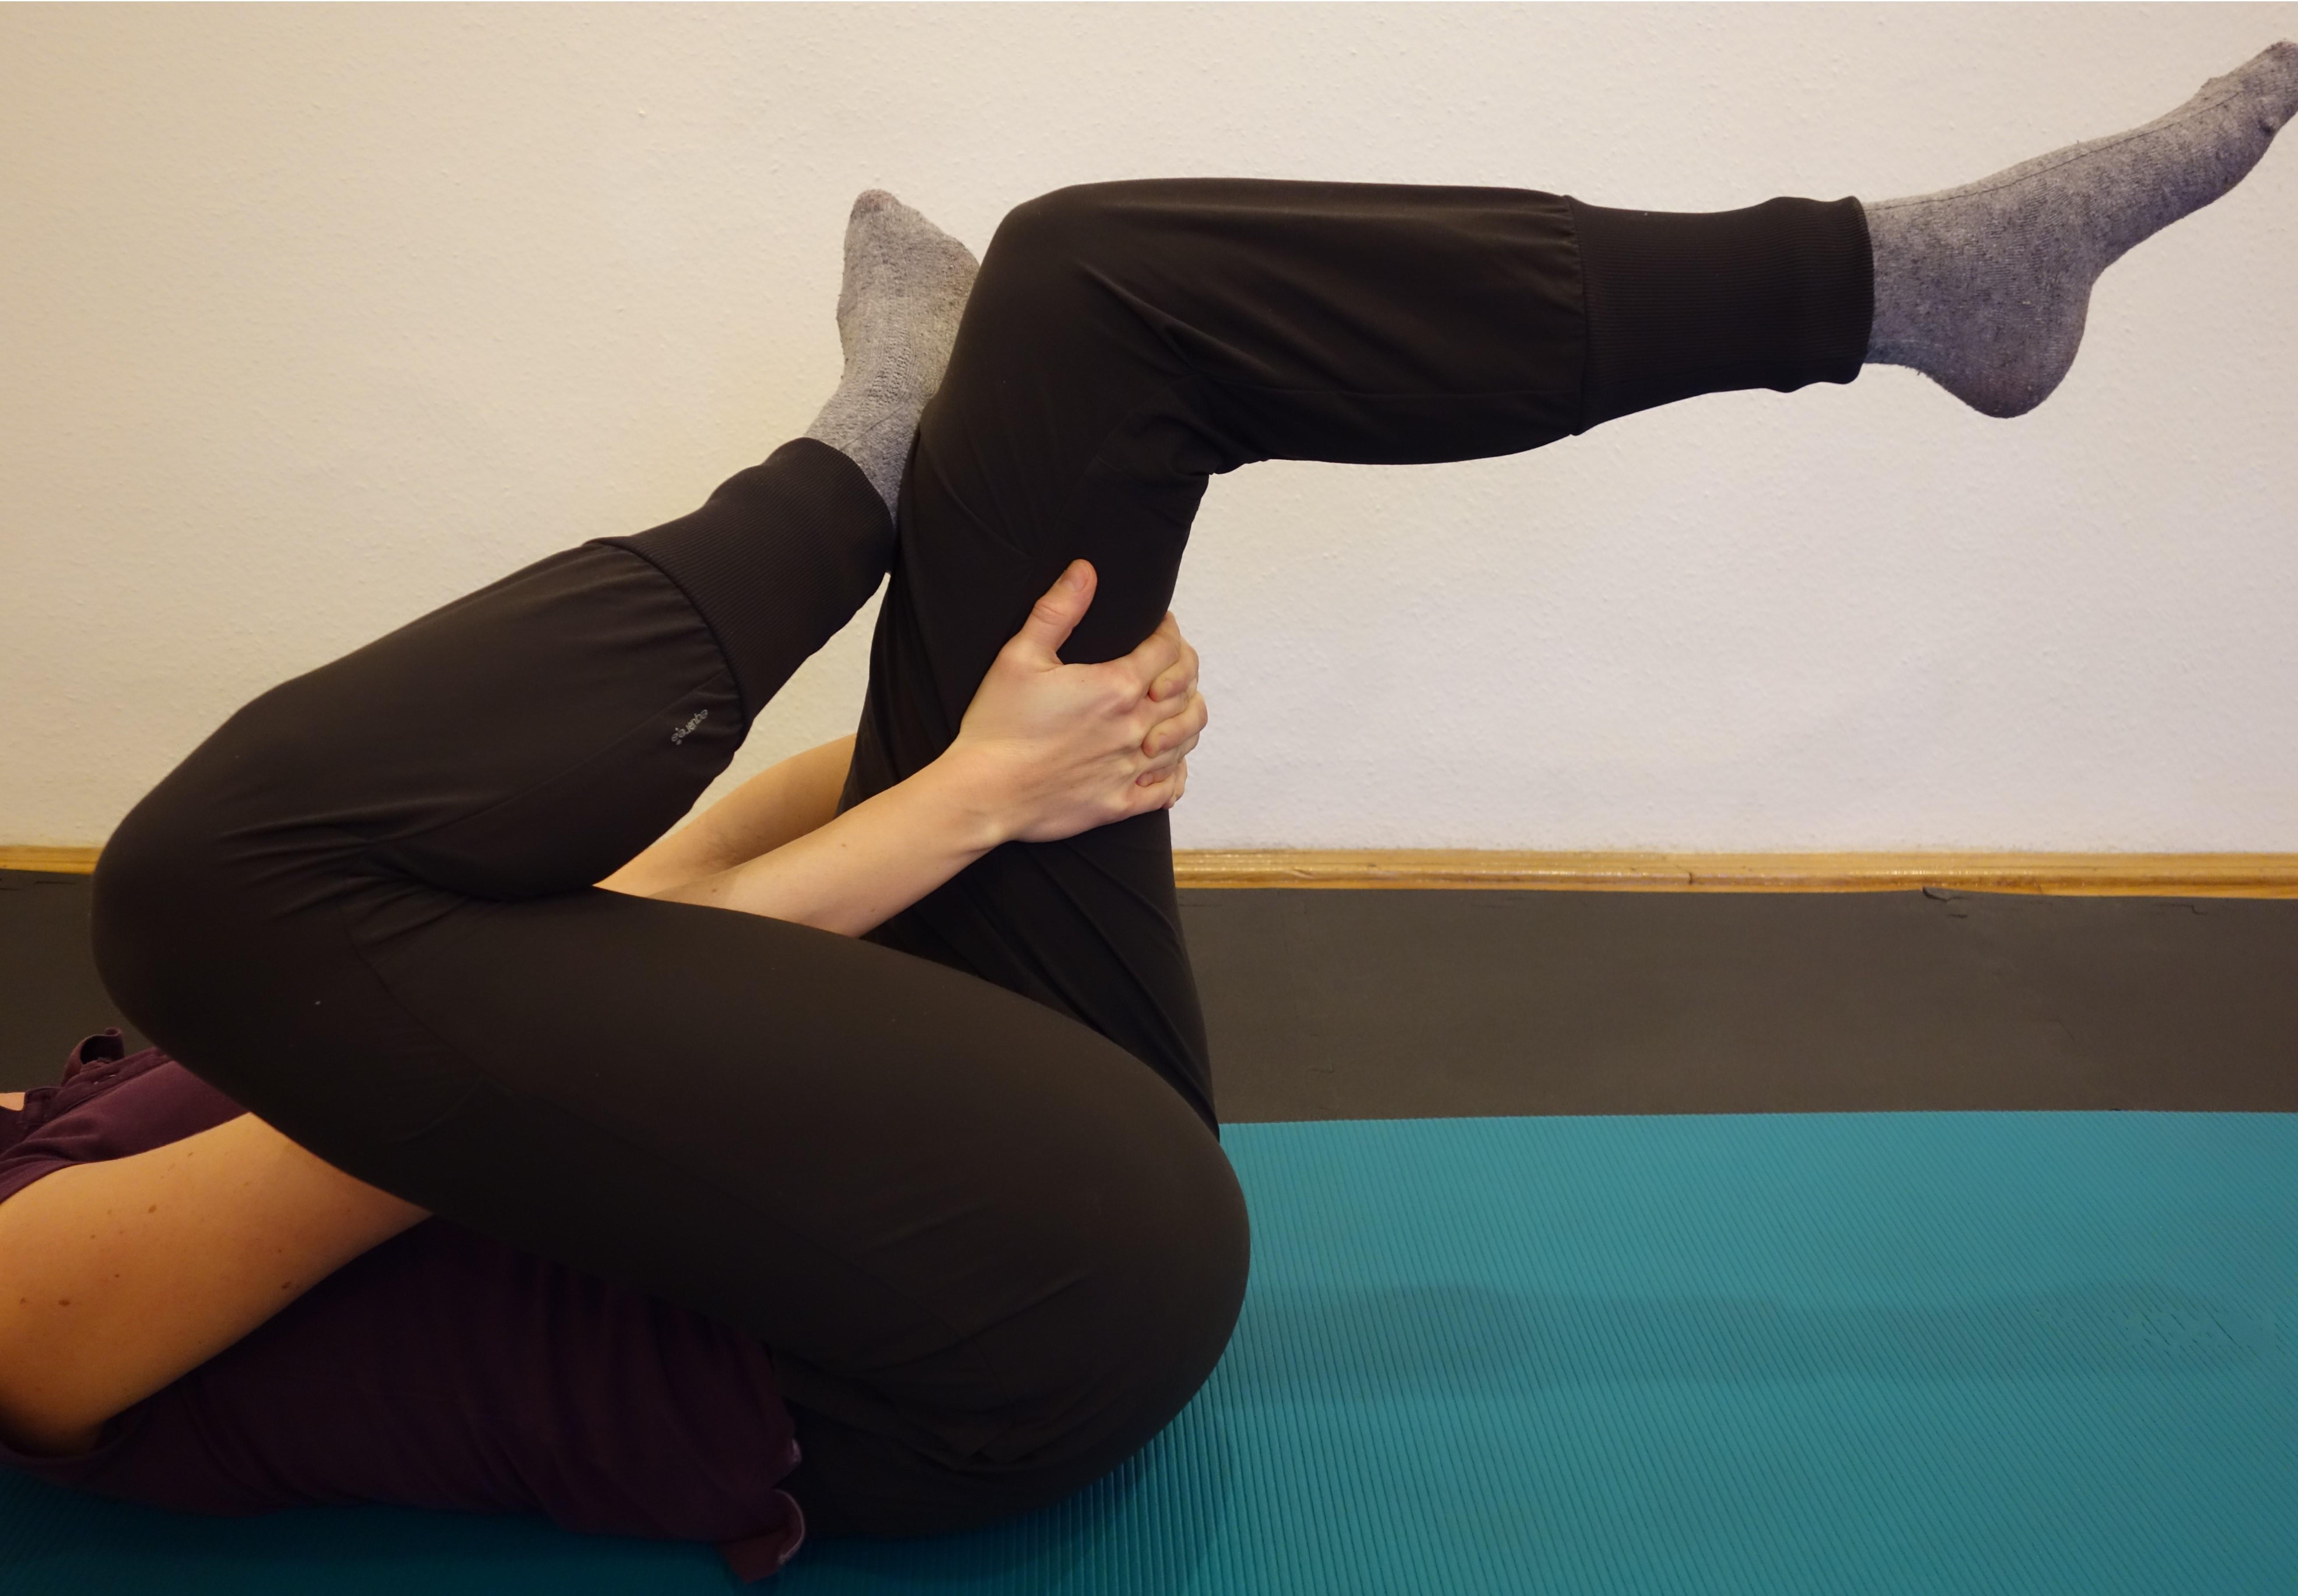 A csípőízületek fájnak a nyújtás után. Nyáktömlő gyulladás is állhat a csípőfájdalom hátterében